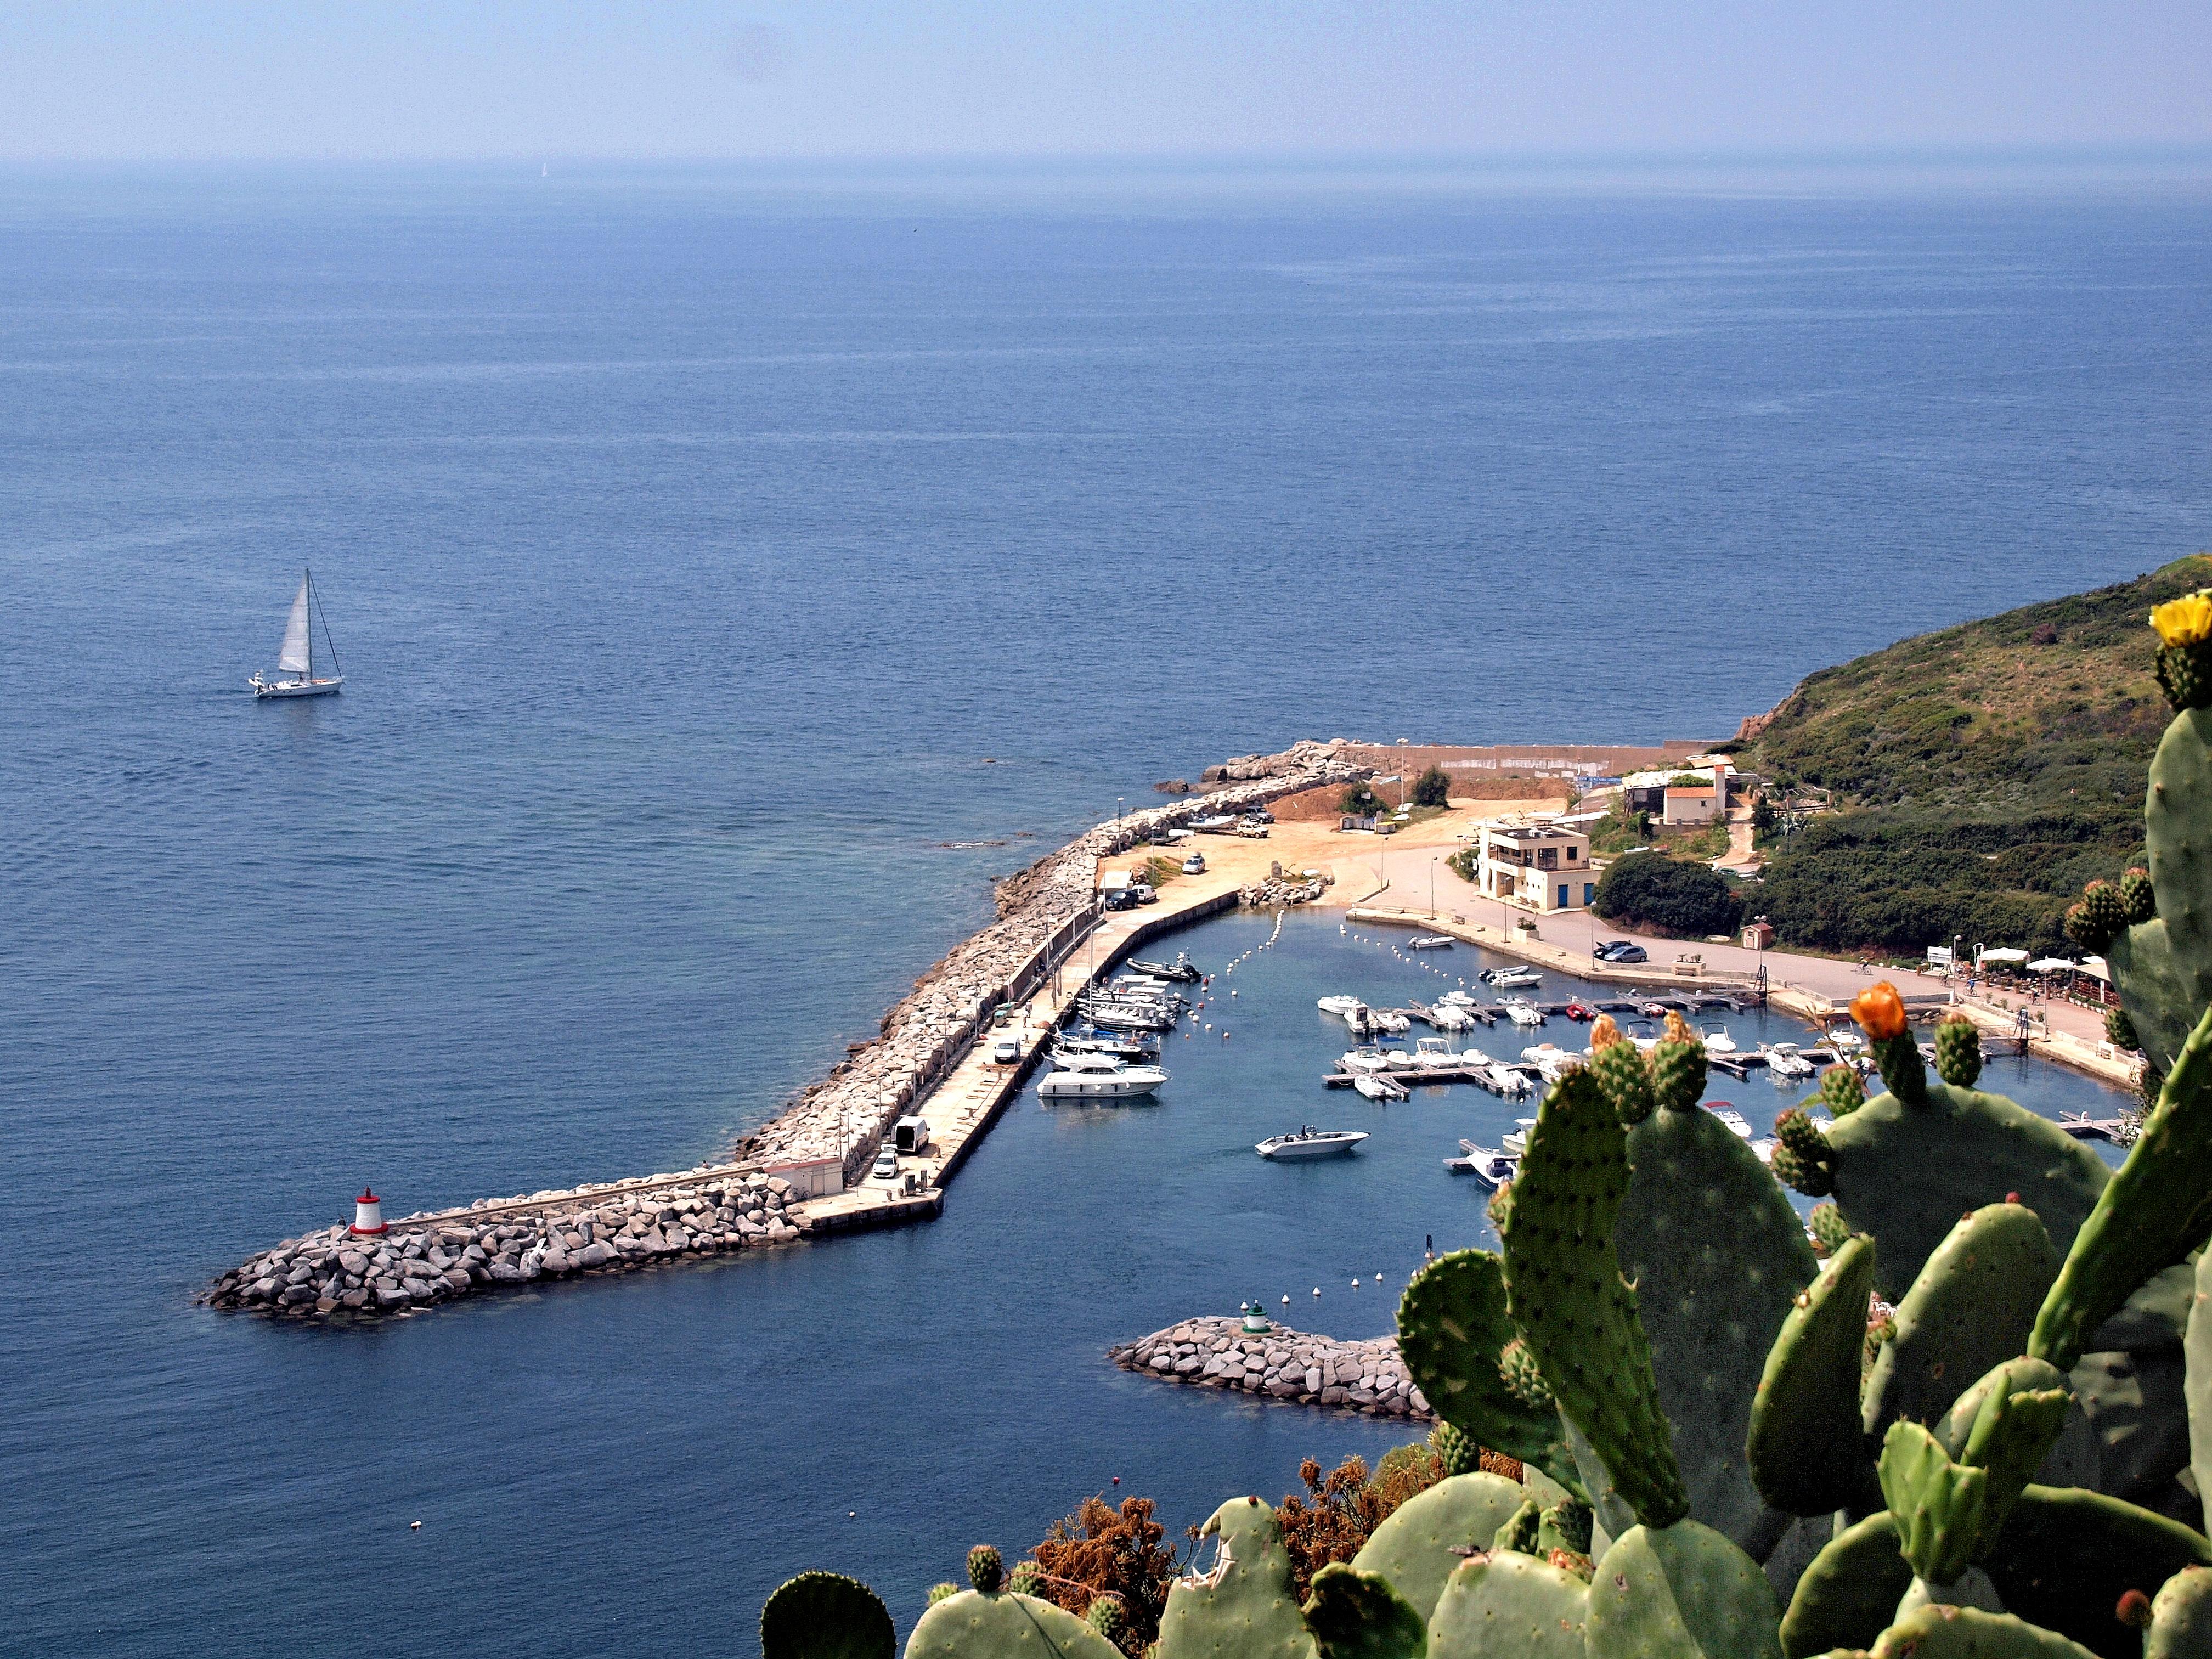 Croisières et bateaux touristiques à Cargèse  Corse